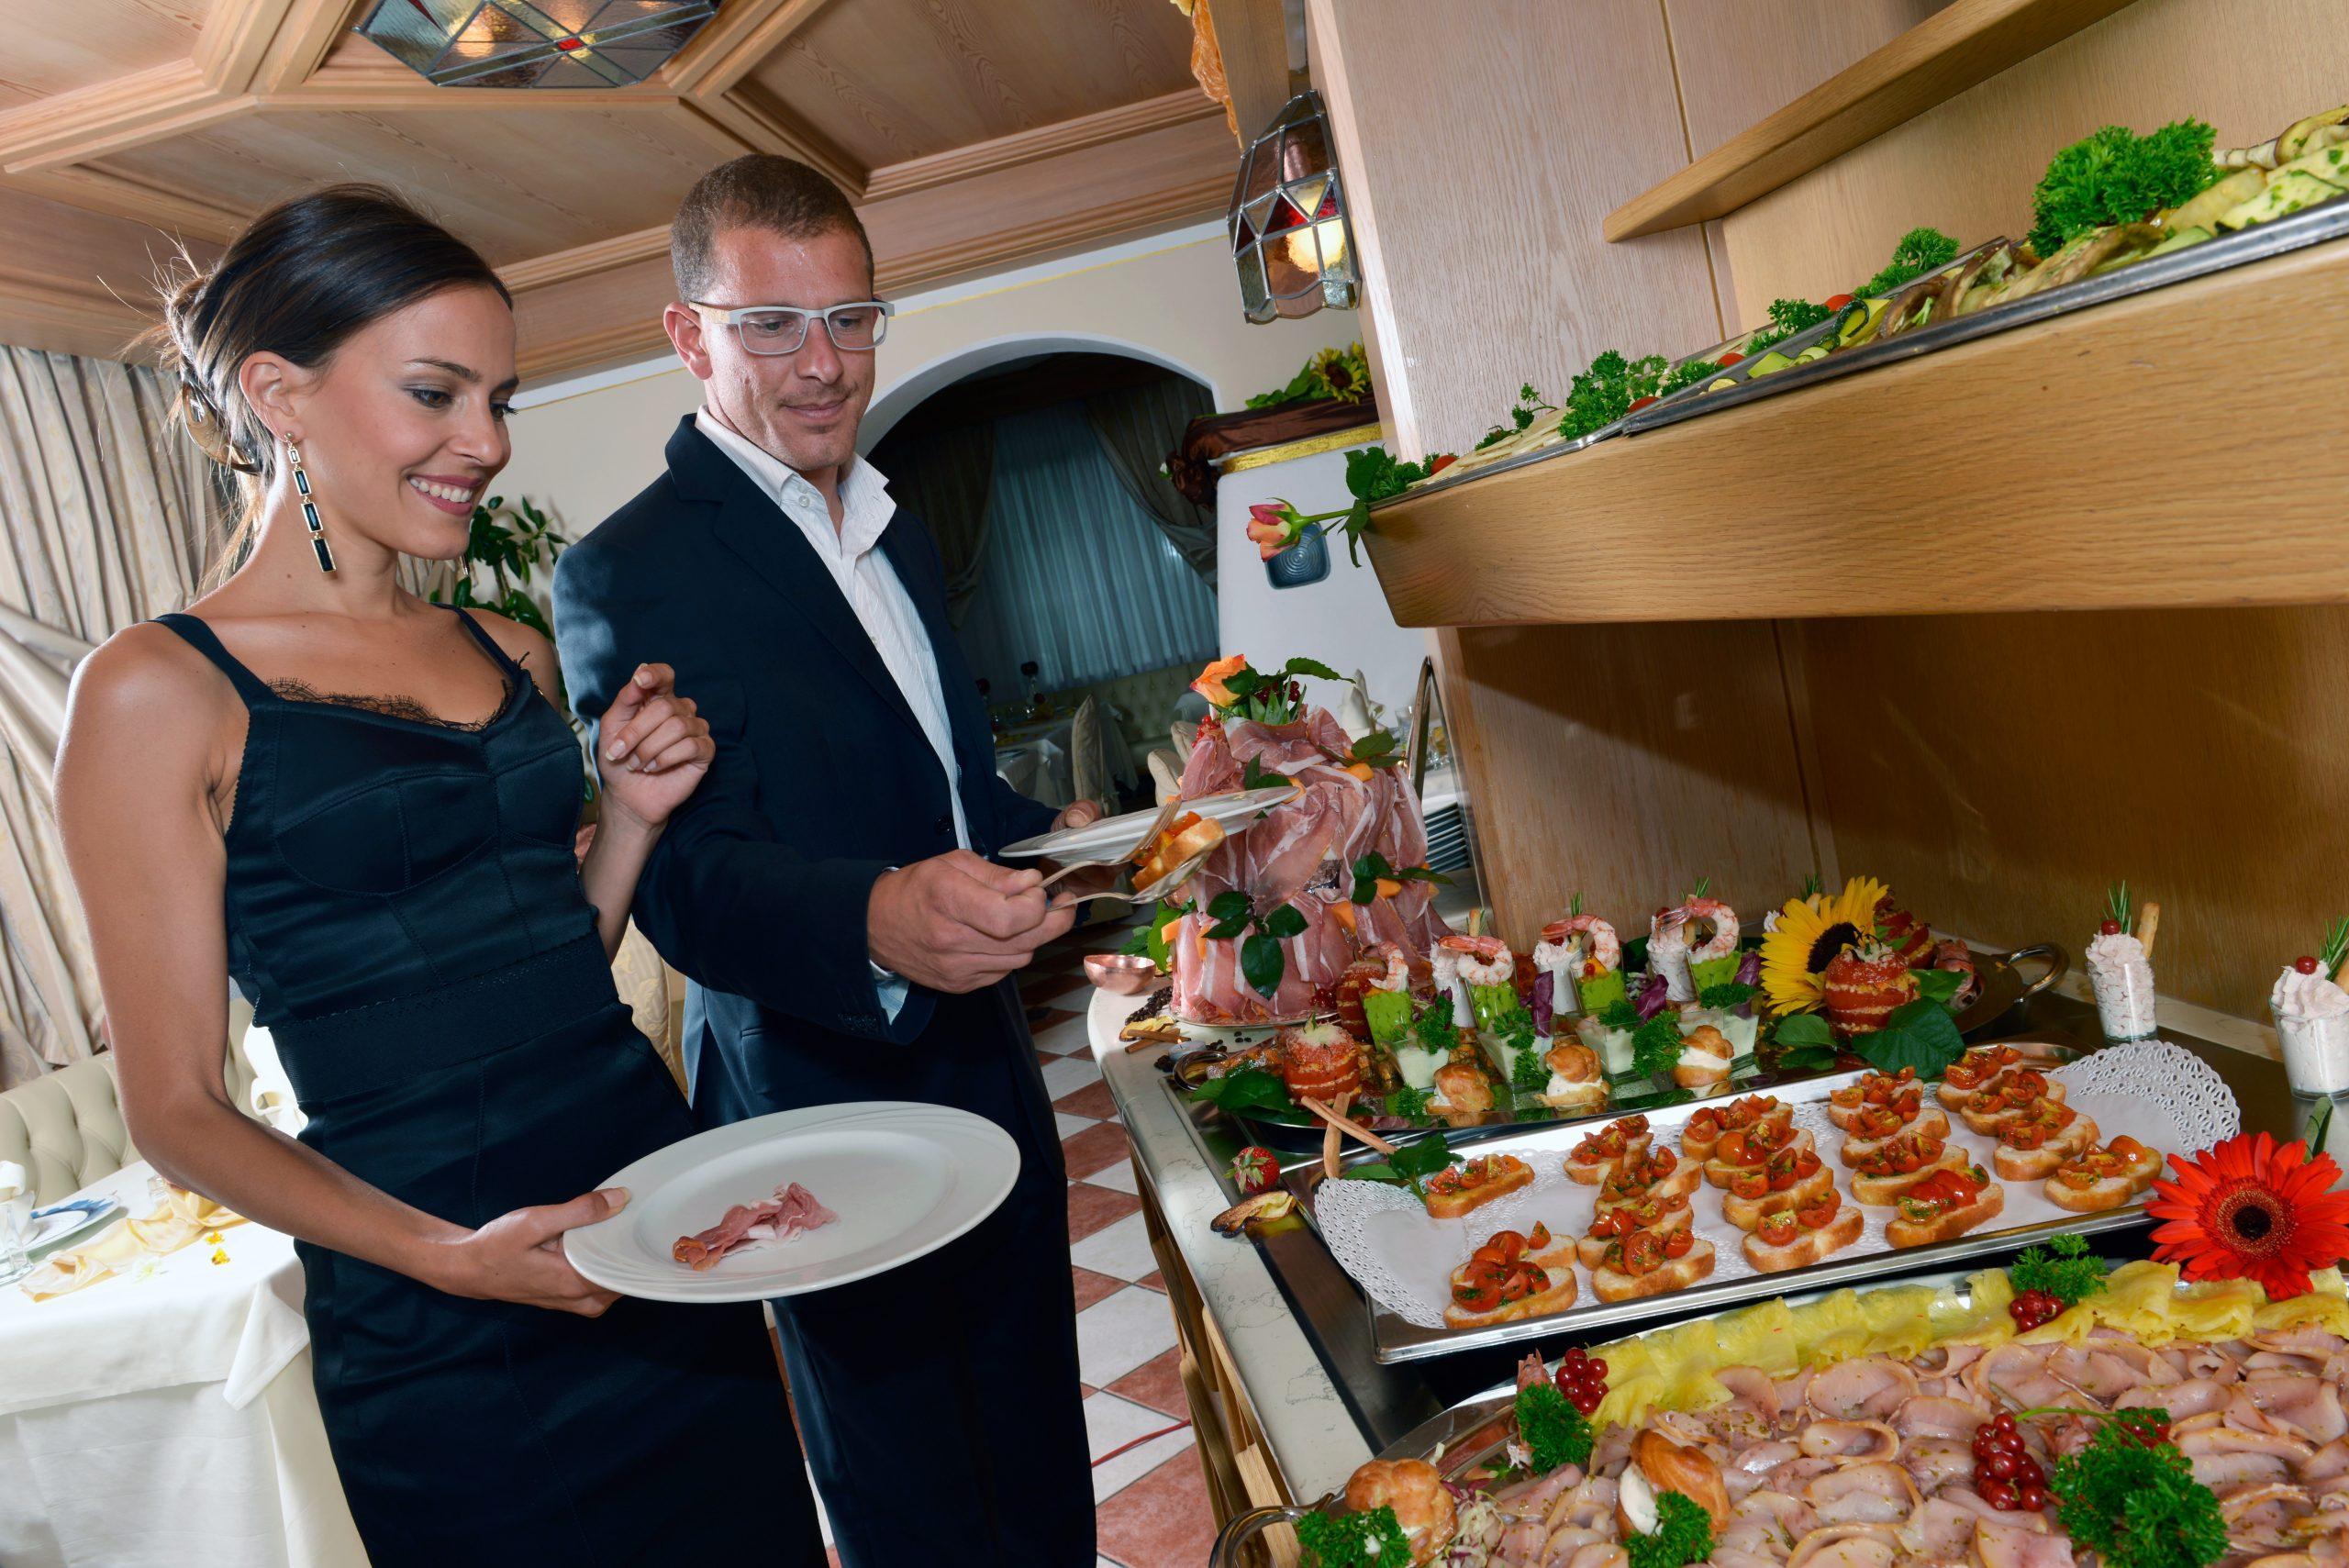 Ristorante Val di Fassa colazione alle Alpi, ristorante Moena Trentino Val di Fassa